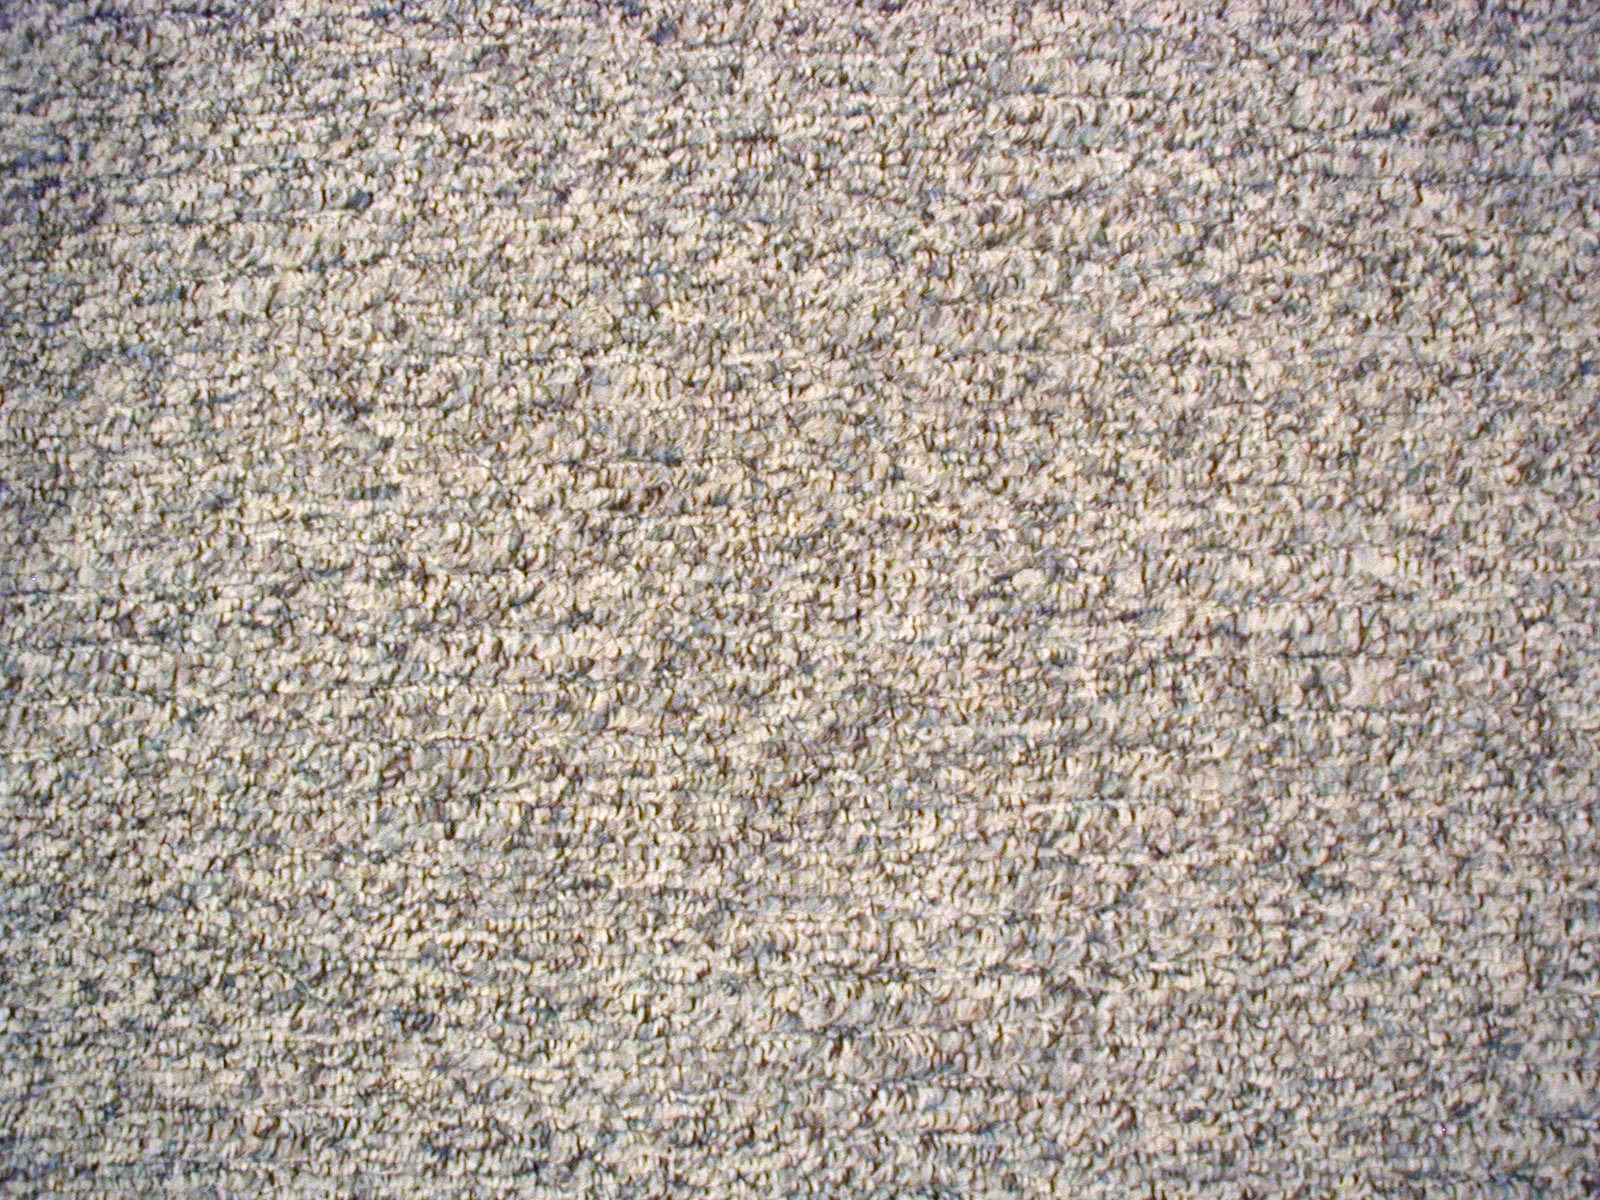 rug texture - anuvrat.info